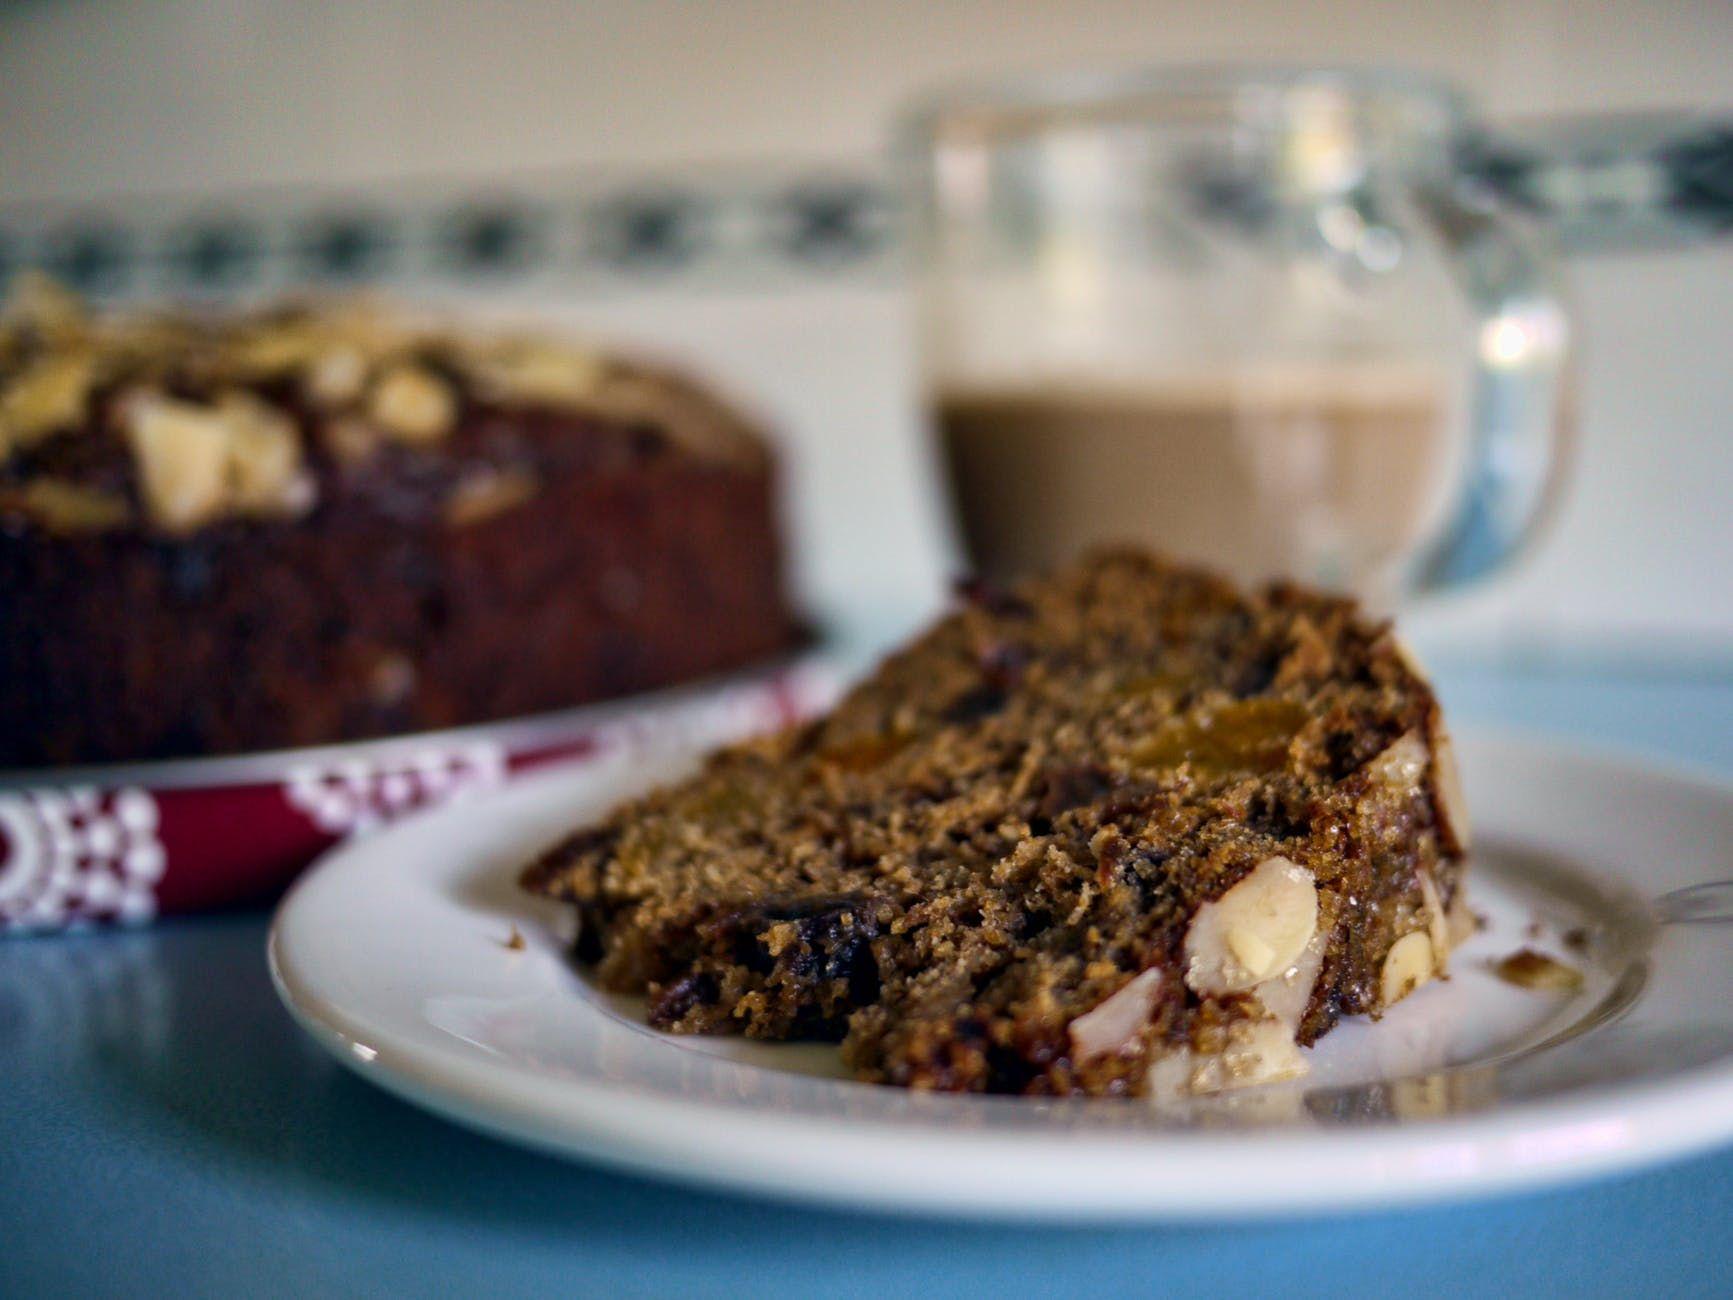 Planetboxrezept Vegan Lebkuchen Schoko Kuchen Dessert Ideen Lebensmittel Essen Dessert Rezepte